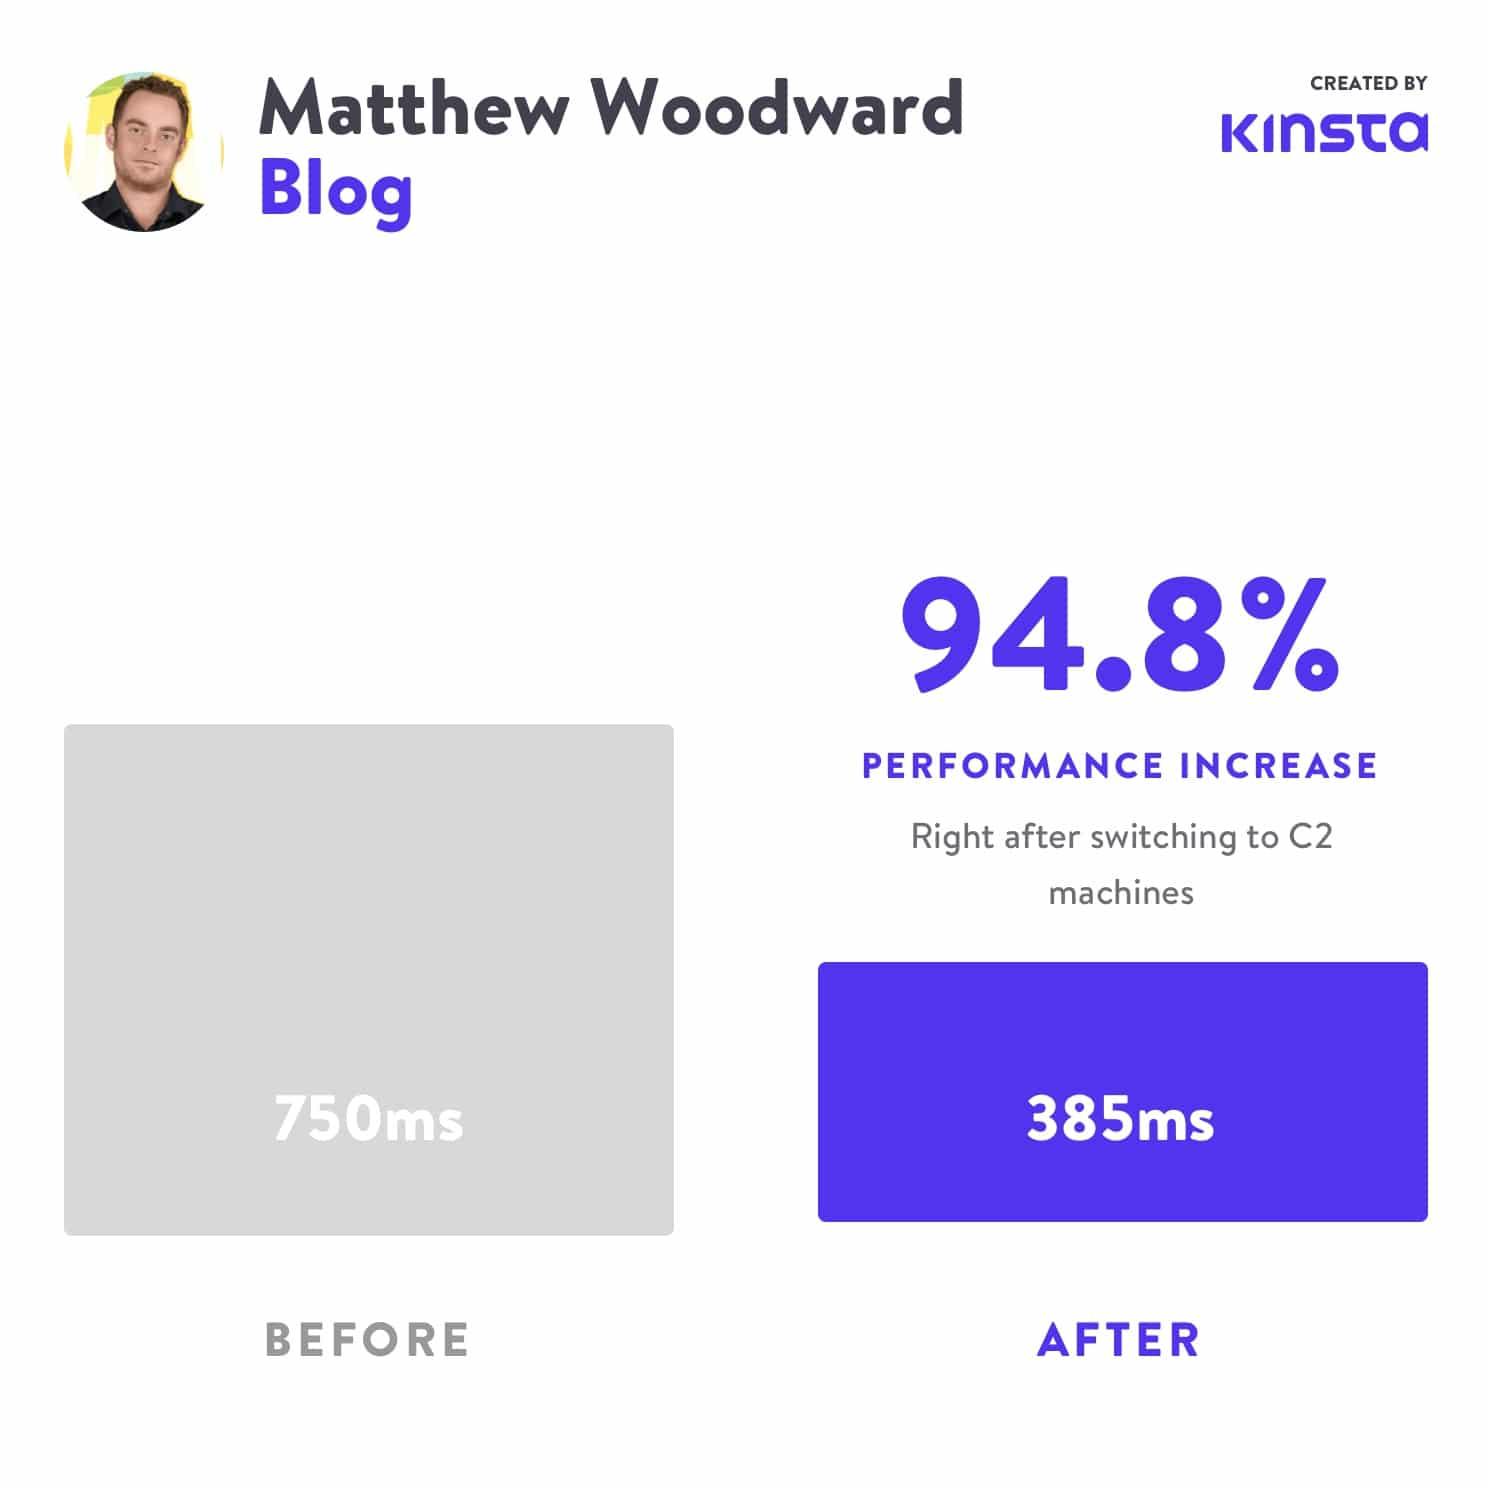 Matthew Woodward såg en 94,8% prestandaökning efter att ha flyttat till C2.